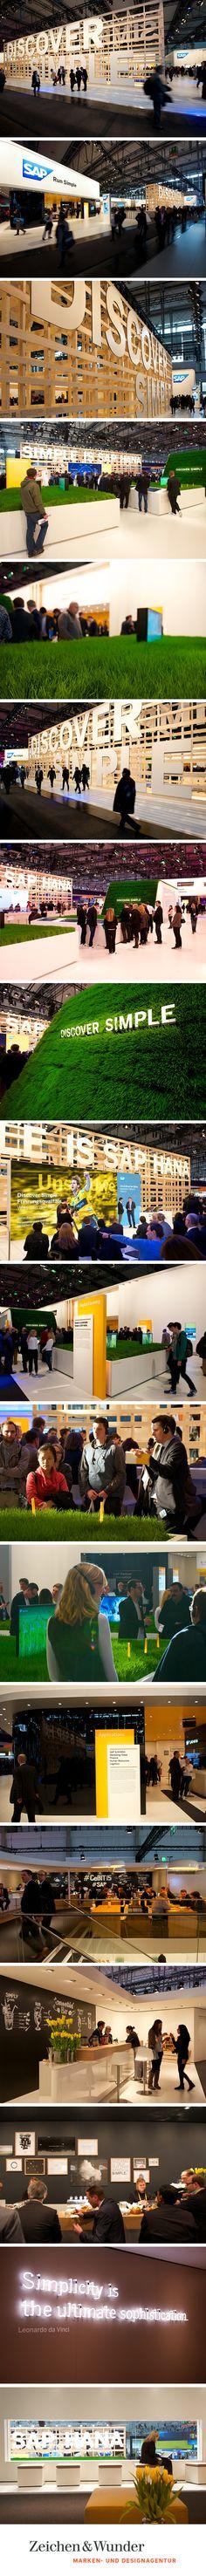 SAP AG / Markenauftritt auf der CeBIT 2015 / #discover #simple #simplicity #Messe / by Zeichen & Wunder, München